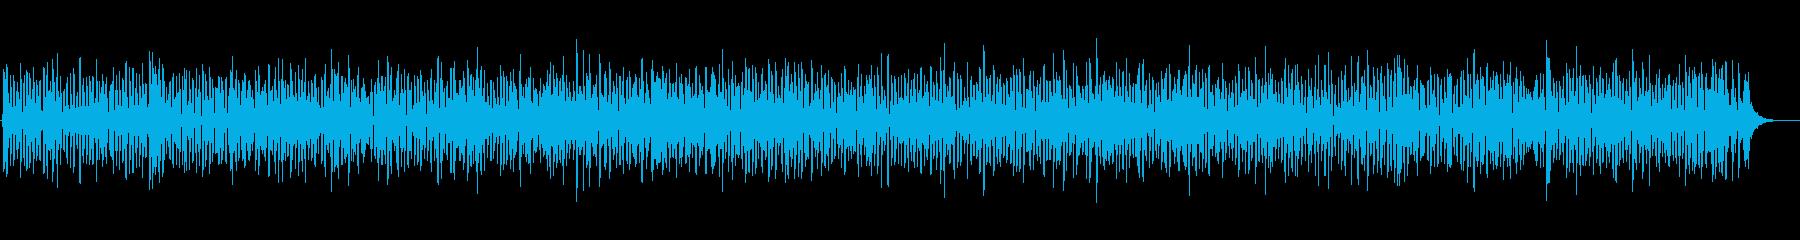 コメディー・愉快・ワクワク ピアノBGMの再生済みの波形